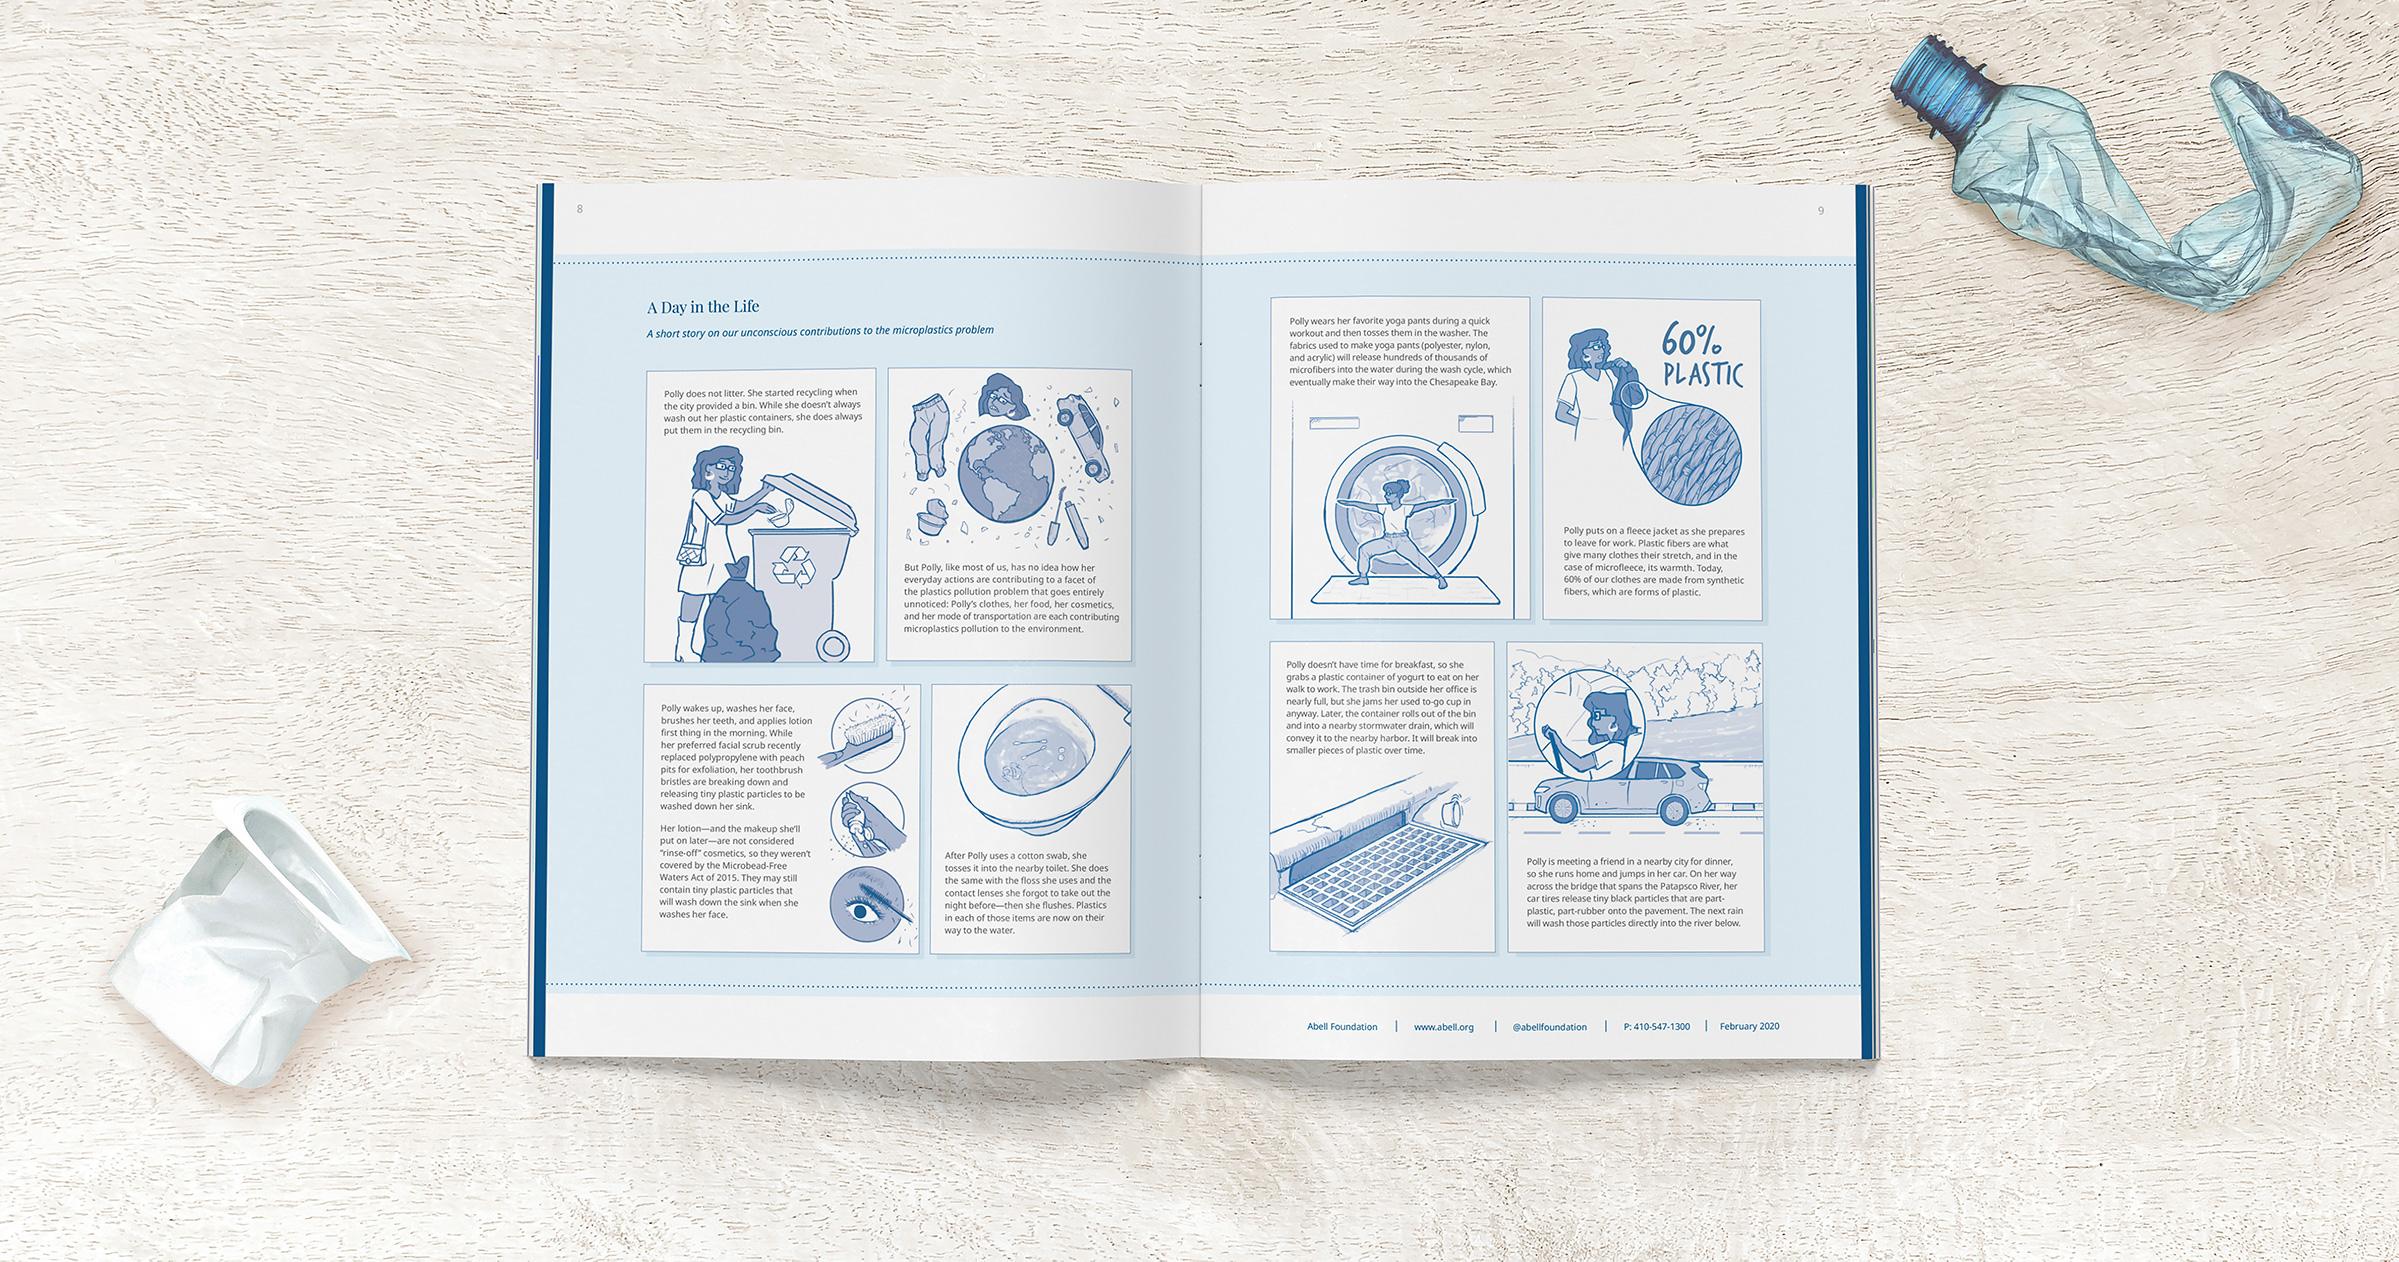 MicroplasticsSpreadIllustration_MockupLarge